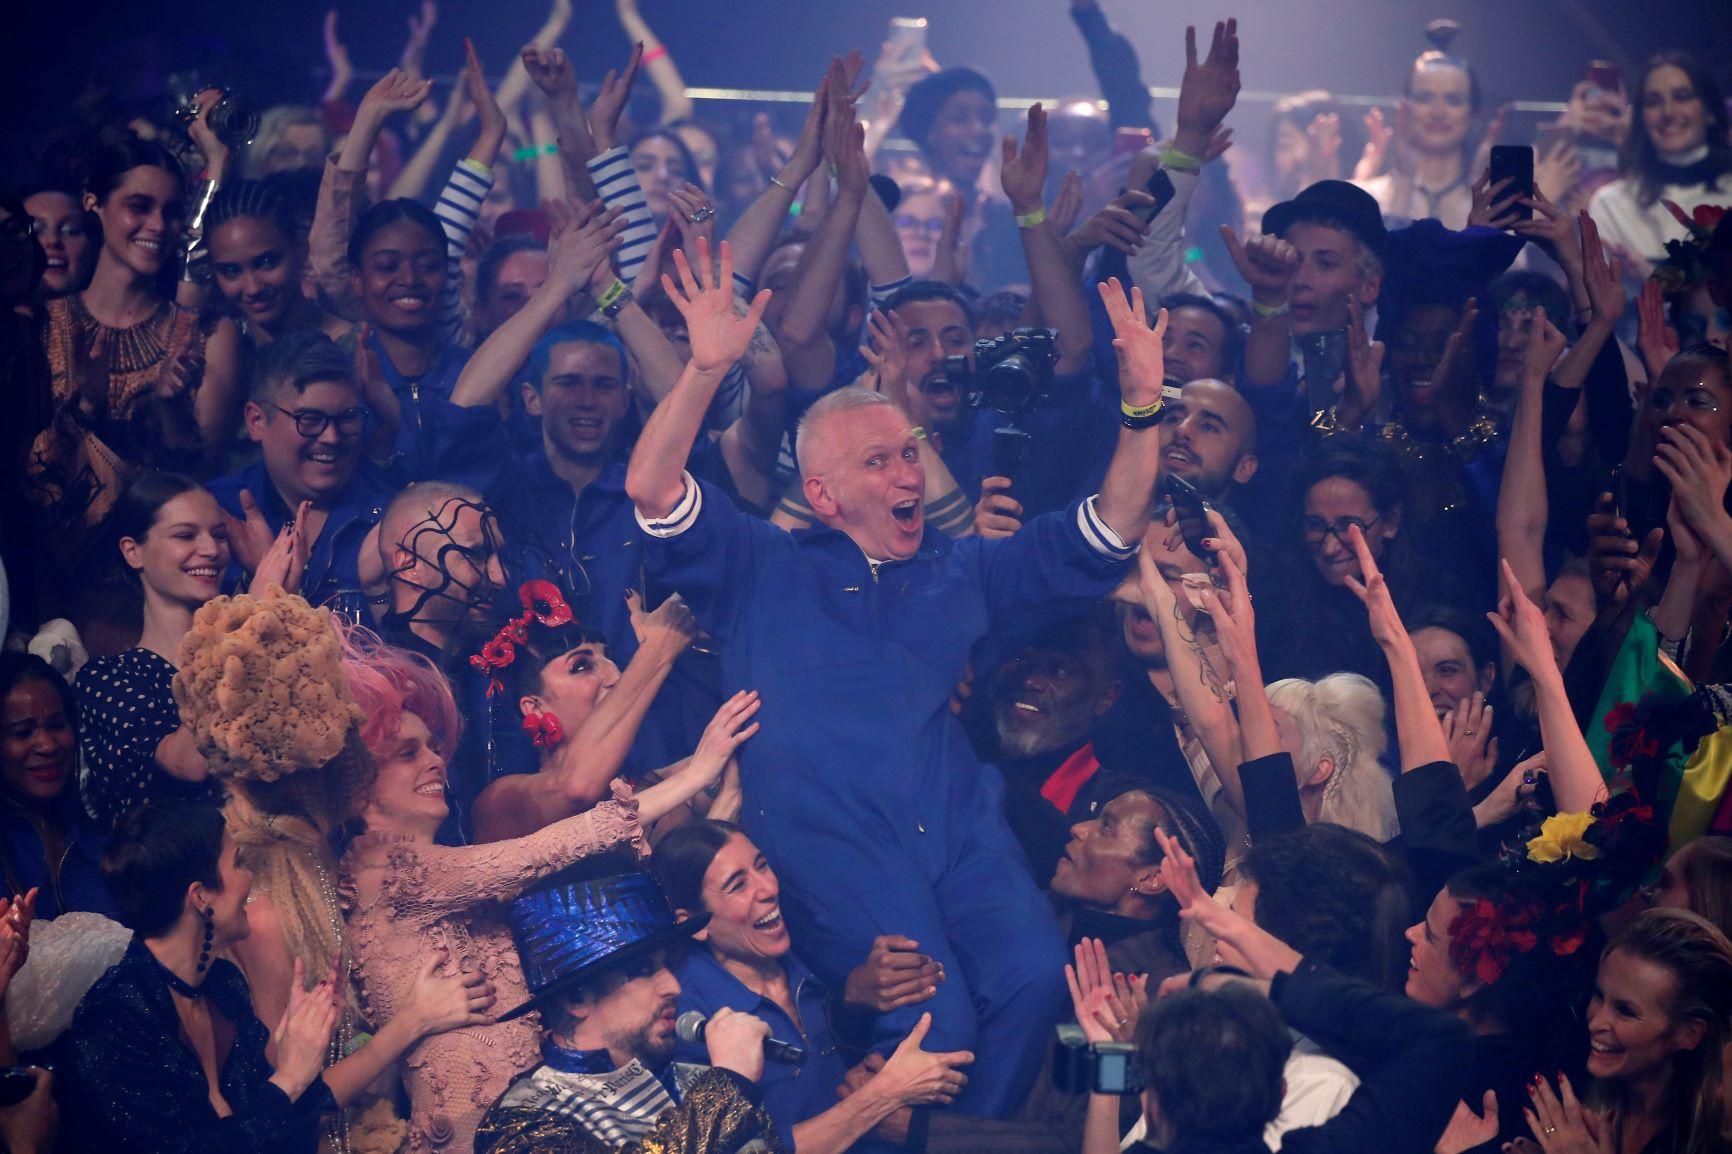 """Al final subió el telón subió y quedó al descubierto el """"backstage"""", con sus trabajadores y las estibas de ropa junto a Gaultier. (AP)"""